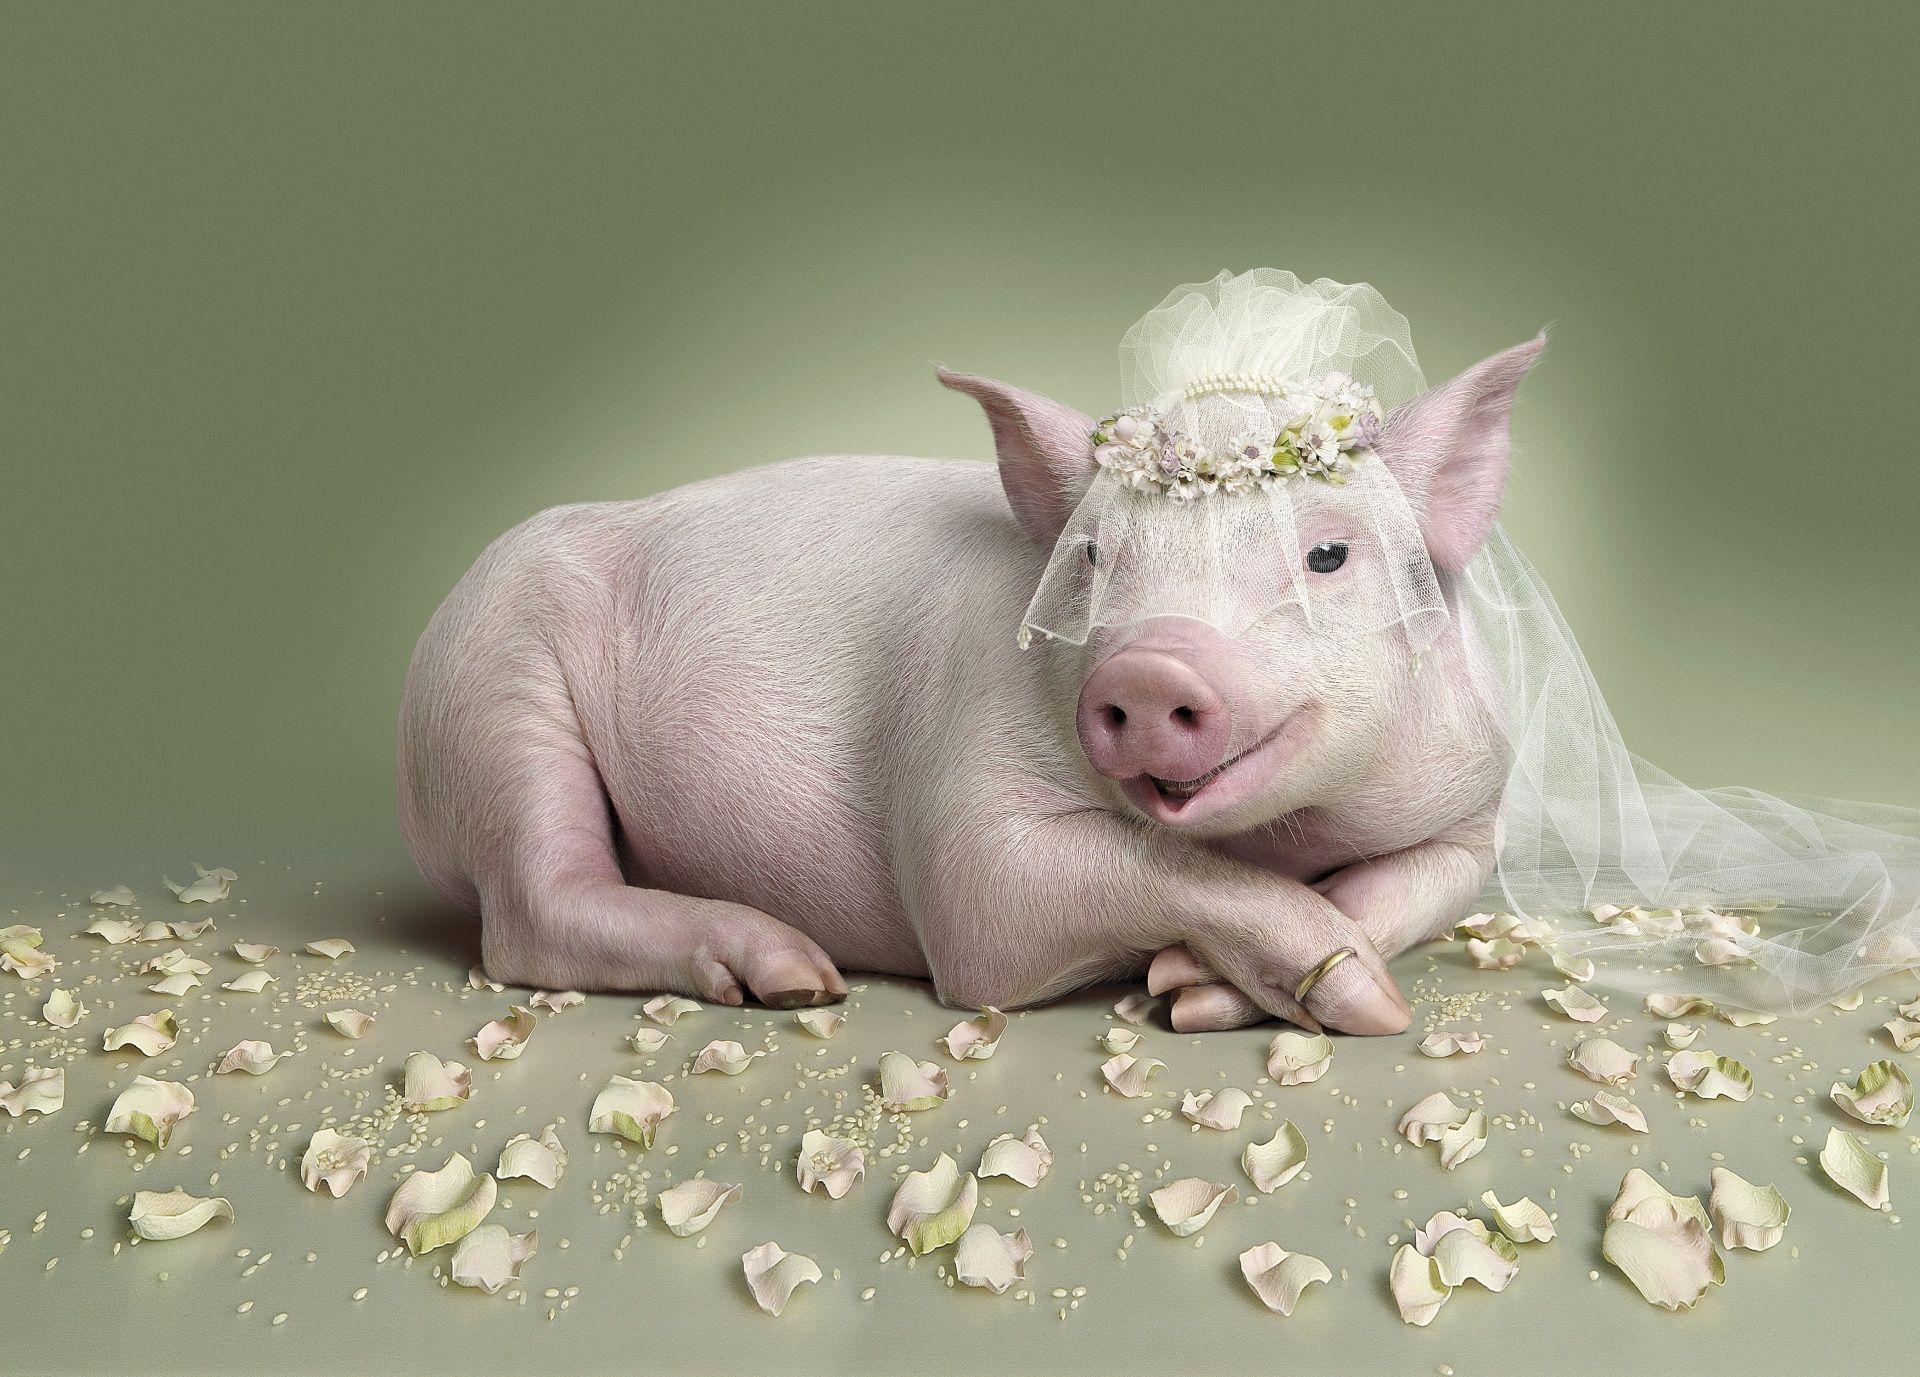 картинки с изображением свиньи на рабочий стол обработали